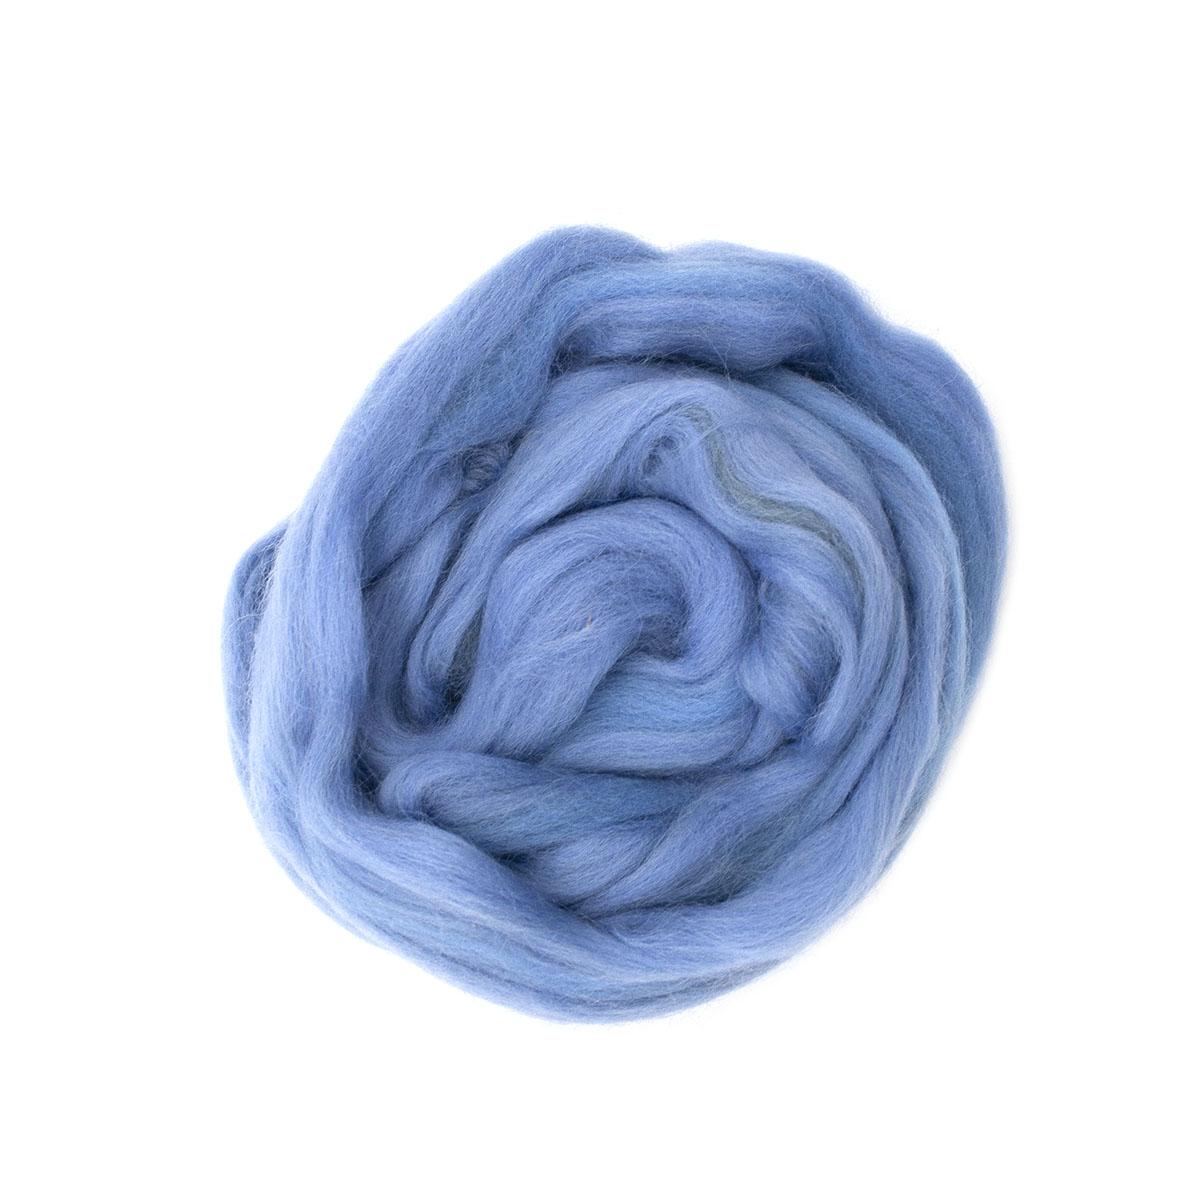 84307-2 ORCHIDEA Шерсть для валяния, цвет голубой, 50 г